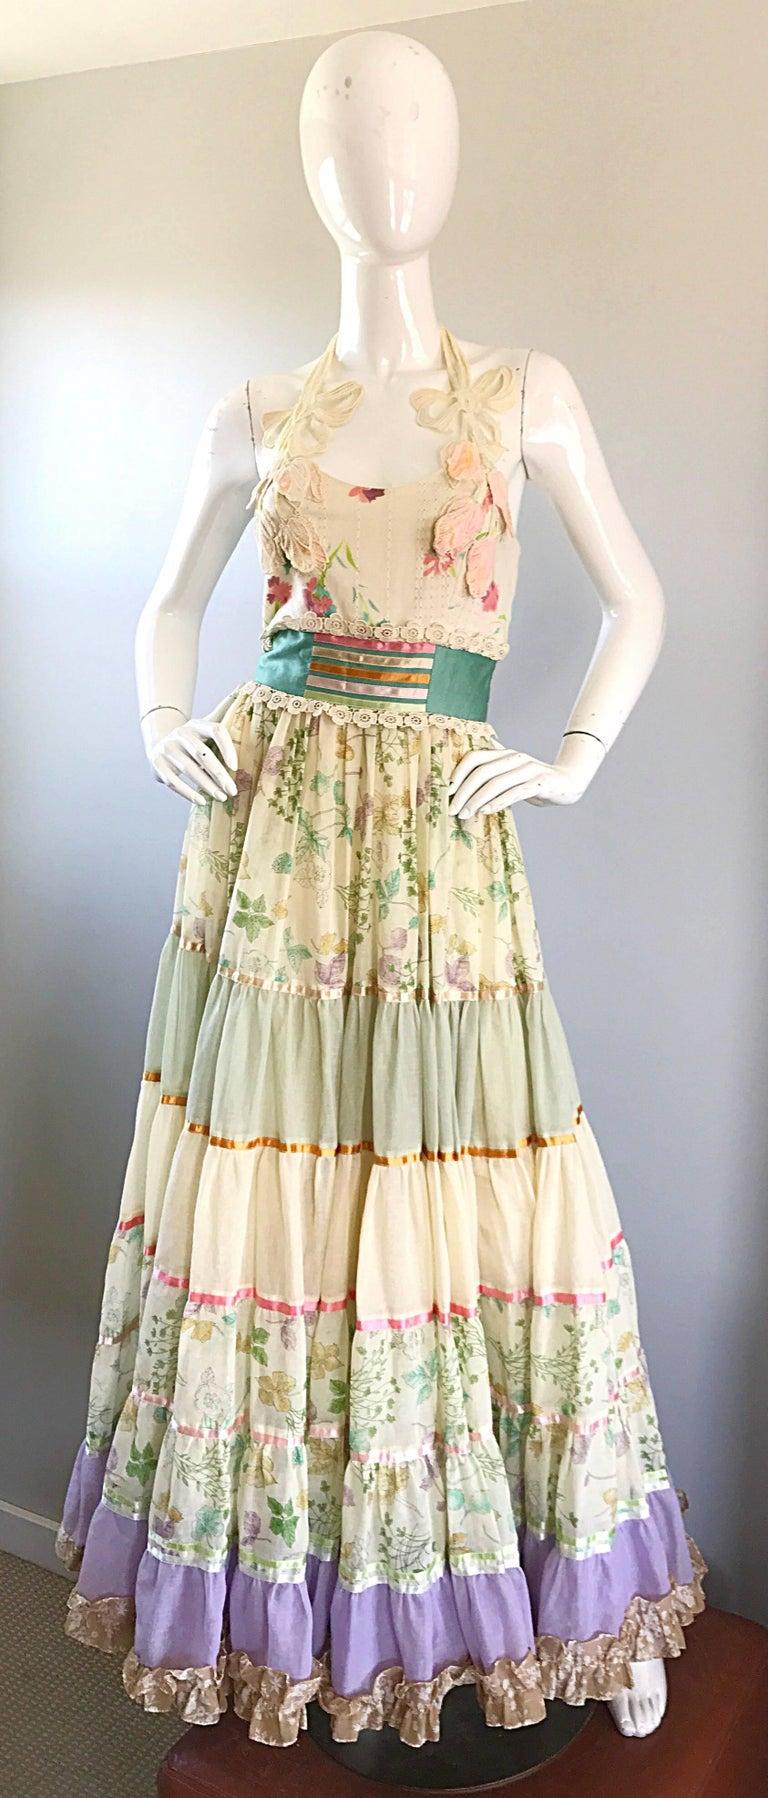 Giorgio di Sant Angelo 1970s Rare Colorful Cotton Voile Vintage 70s Maxi Dress 2